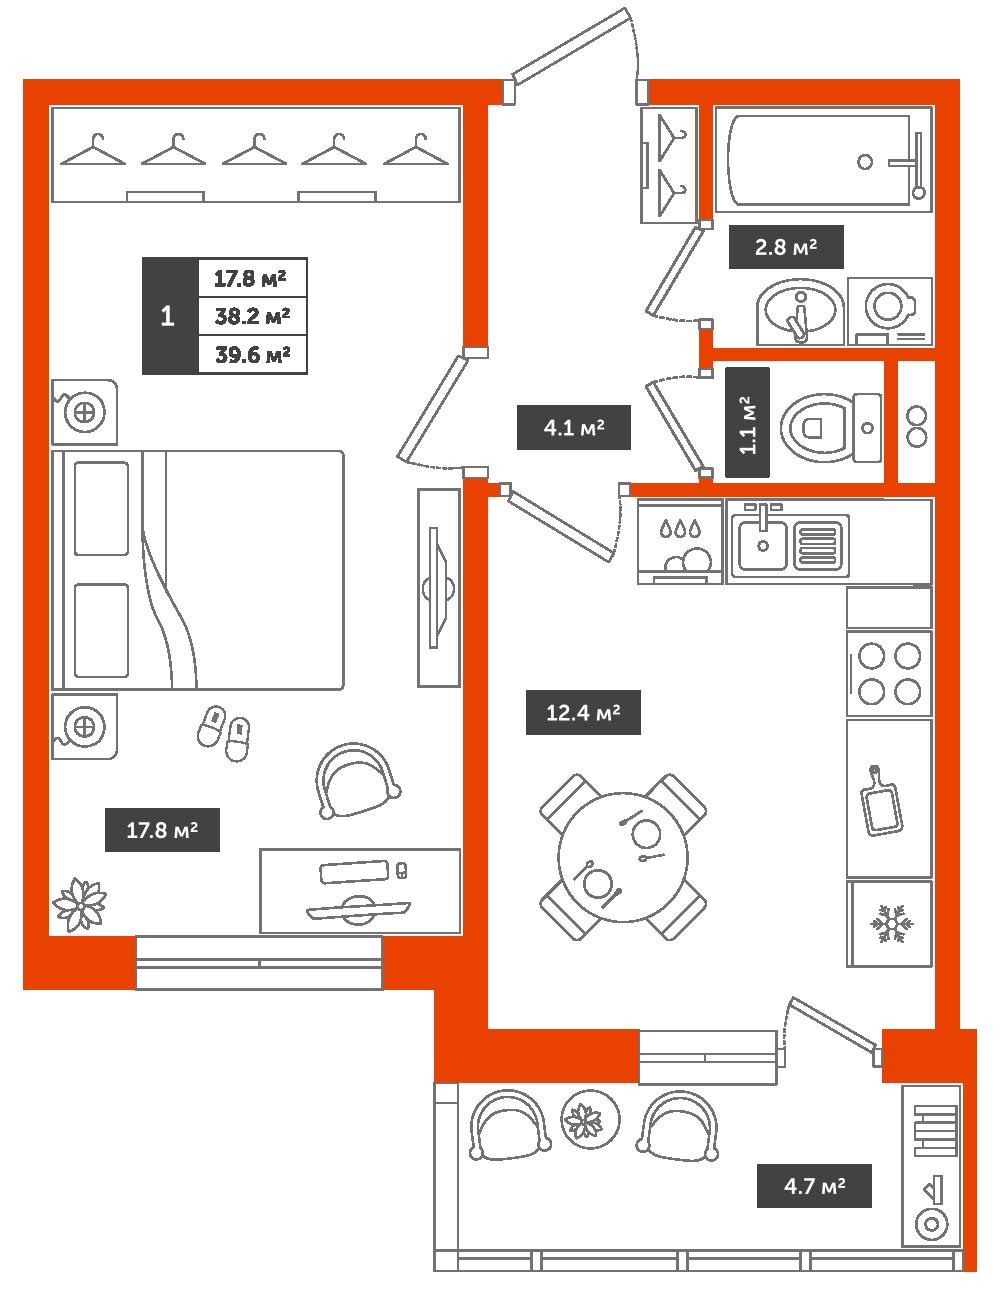 1-комнатная квартира, 39.6м² за 4,6 млн руб.